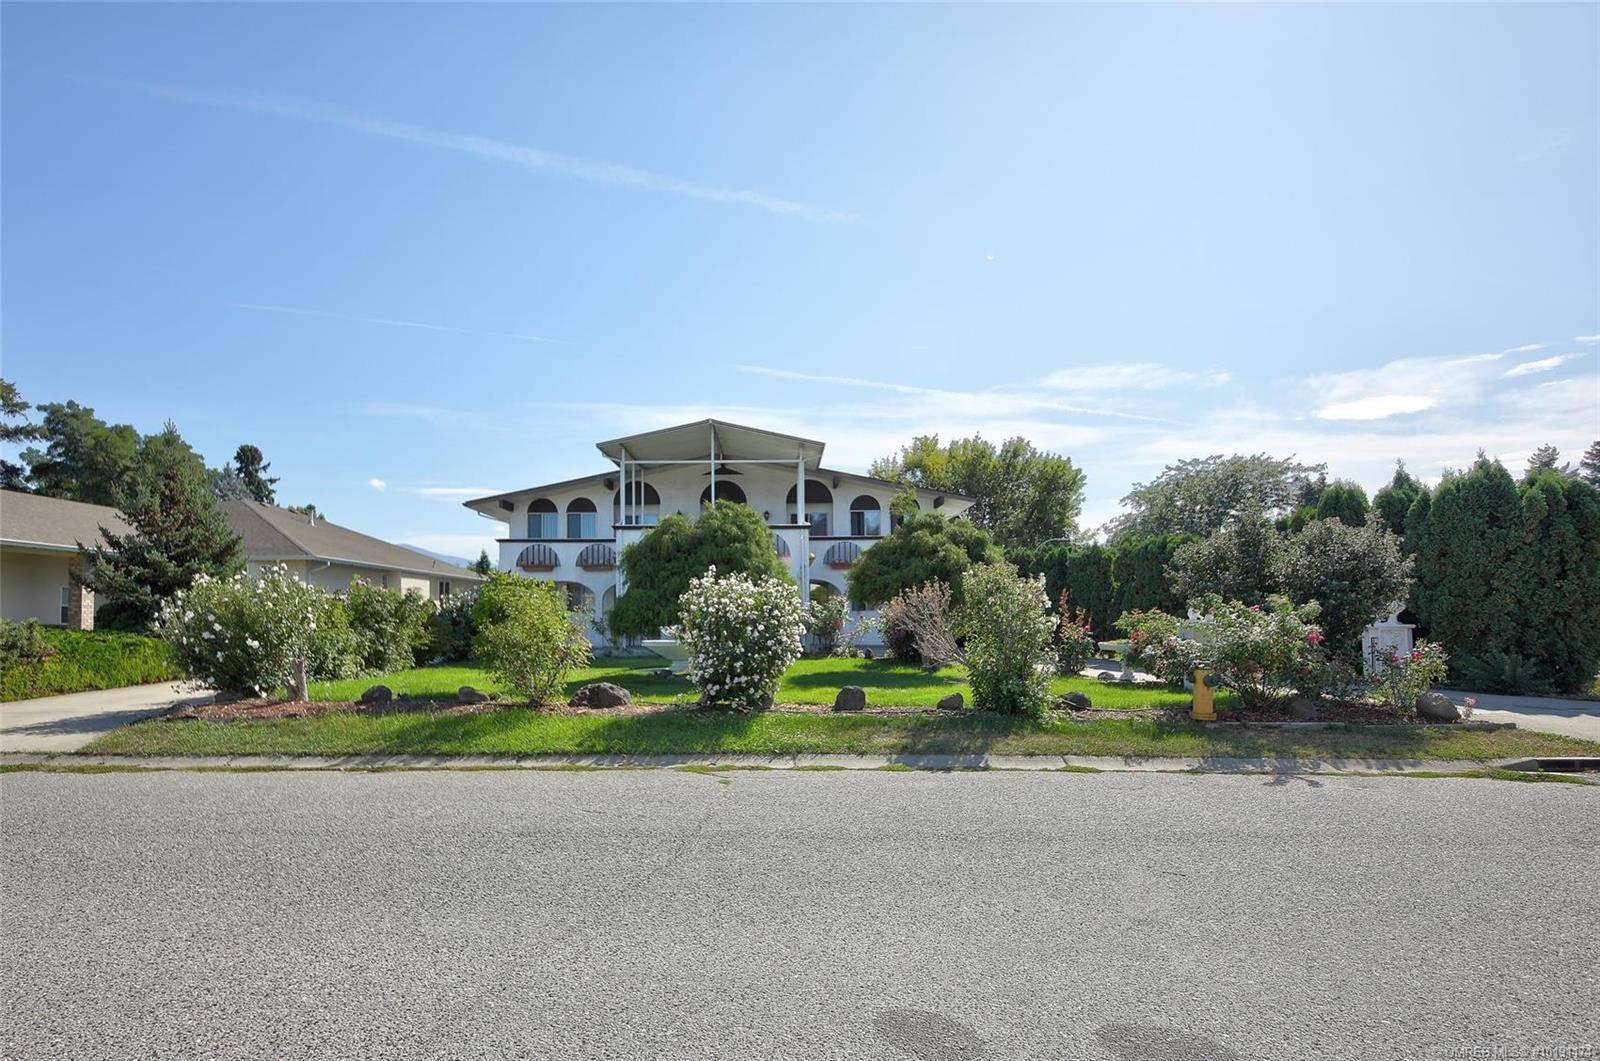 House for sale at 2295 Rhondda Ct Kelowna British Columbia - MLS: 10191474